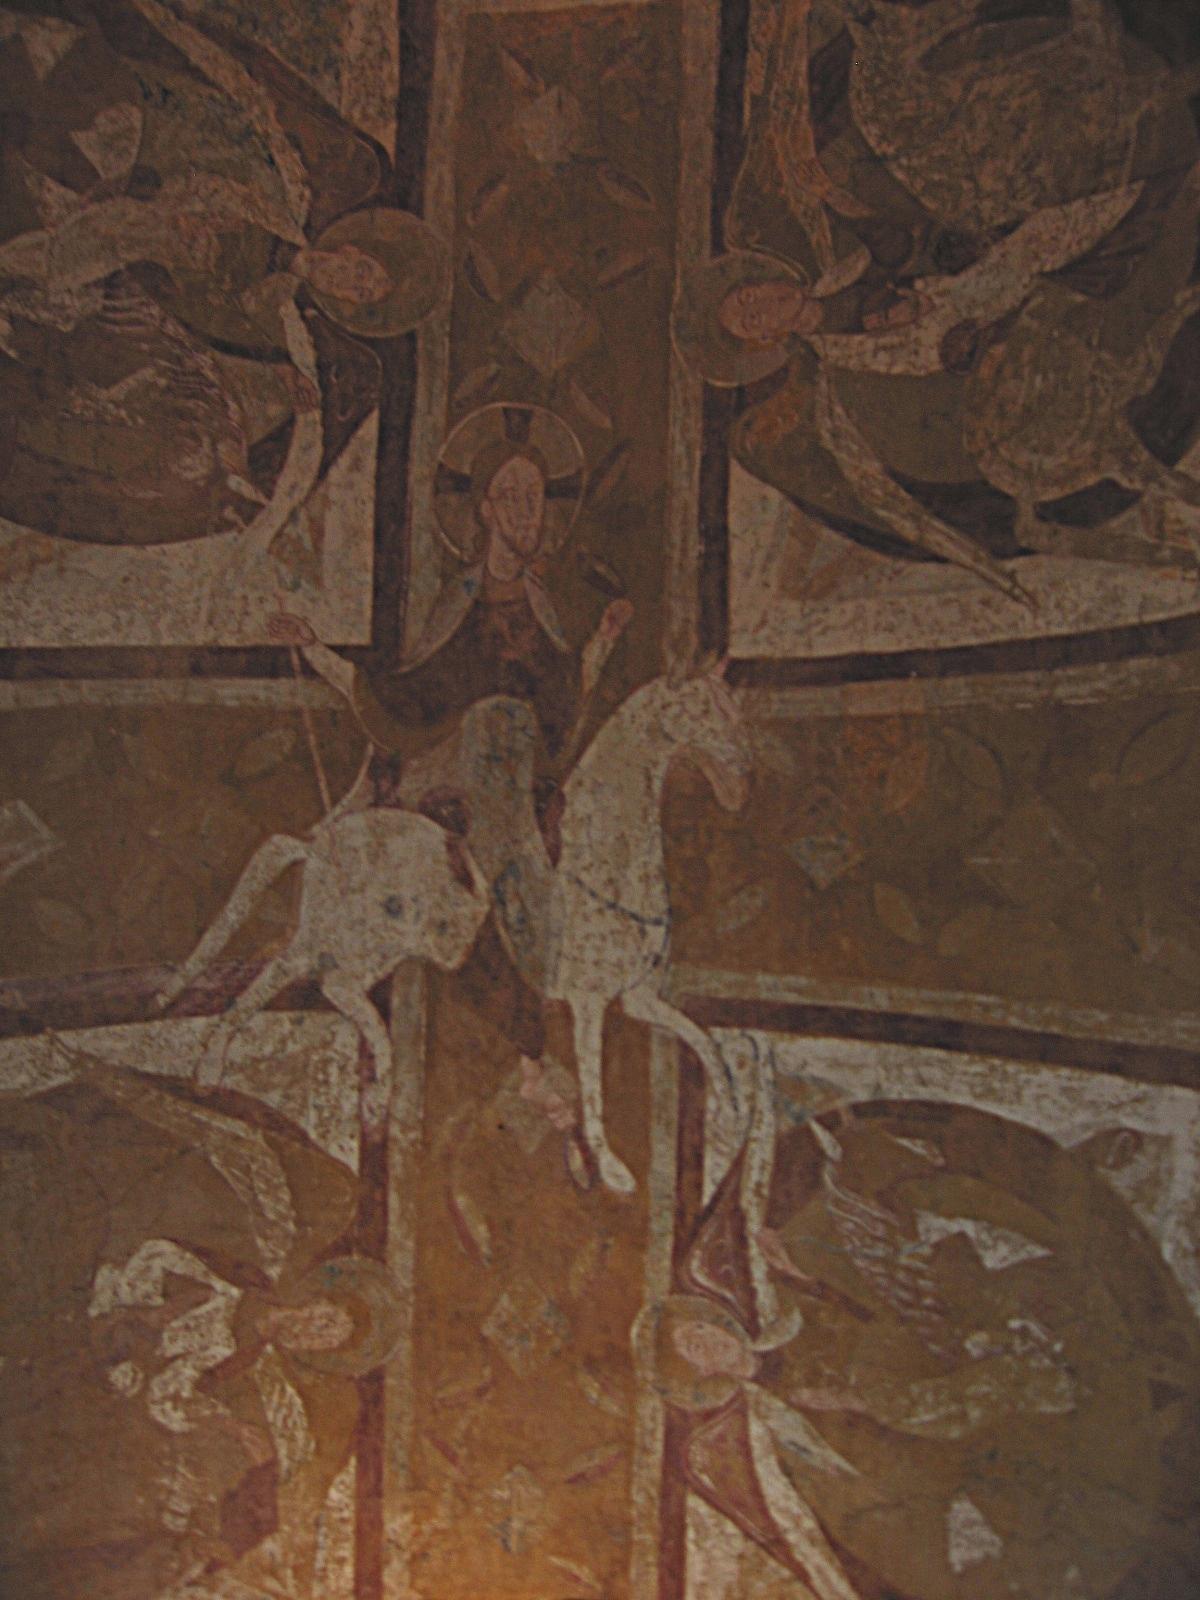 Christ sur un cheval blanc entouré d'anges à cheval, fresque de la première moitié du XIIe s. de la chapelle de la crypte de la cathédrale St Etienne d'Auxerre. Photo Ka Teznik, travail personnel, (CC BY-SA 2.0 FR)